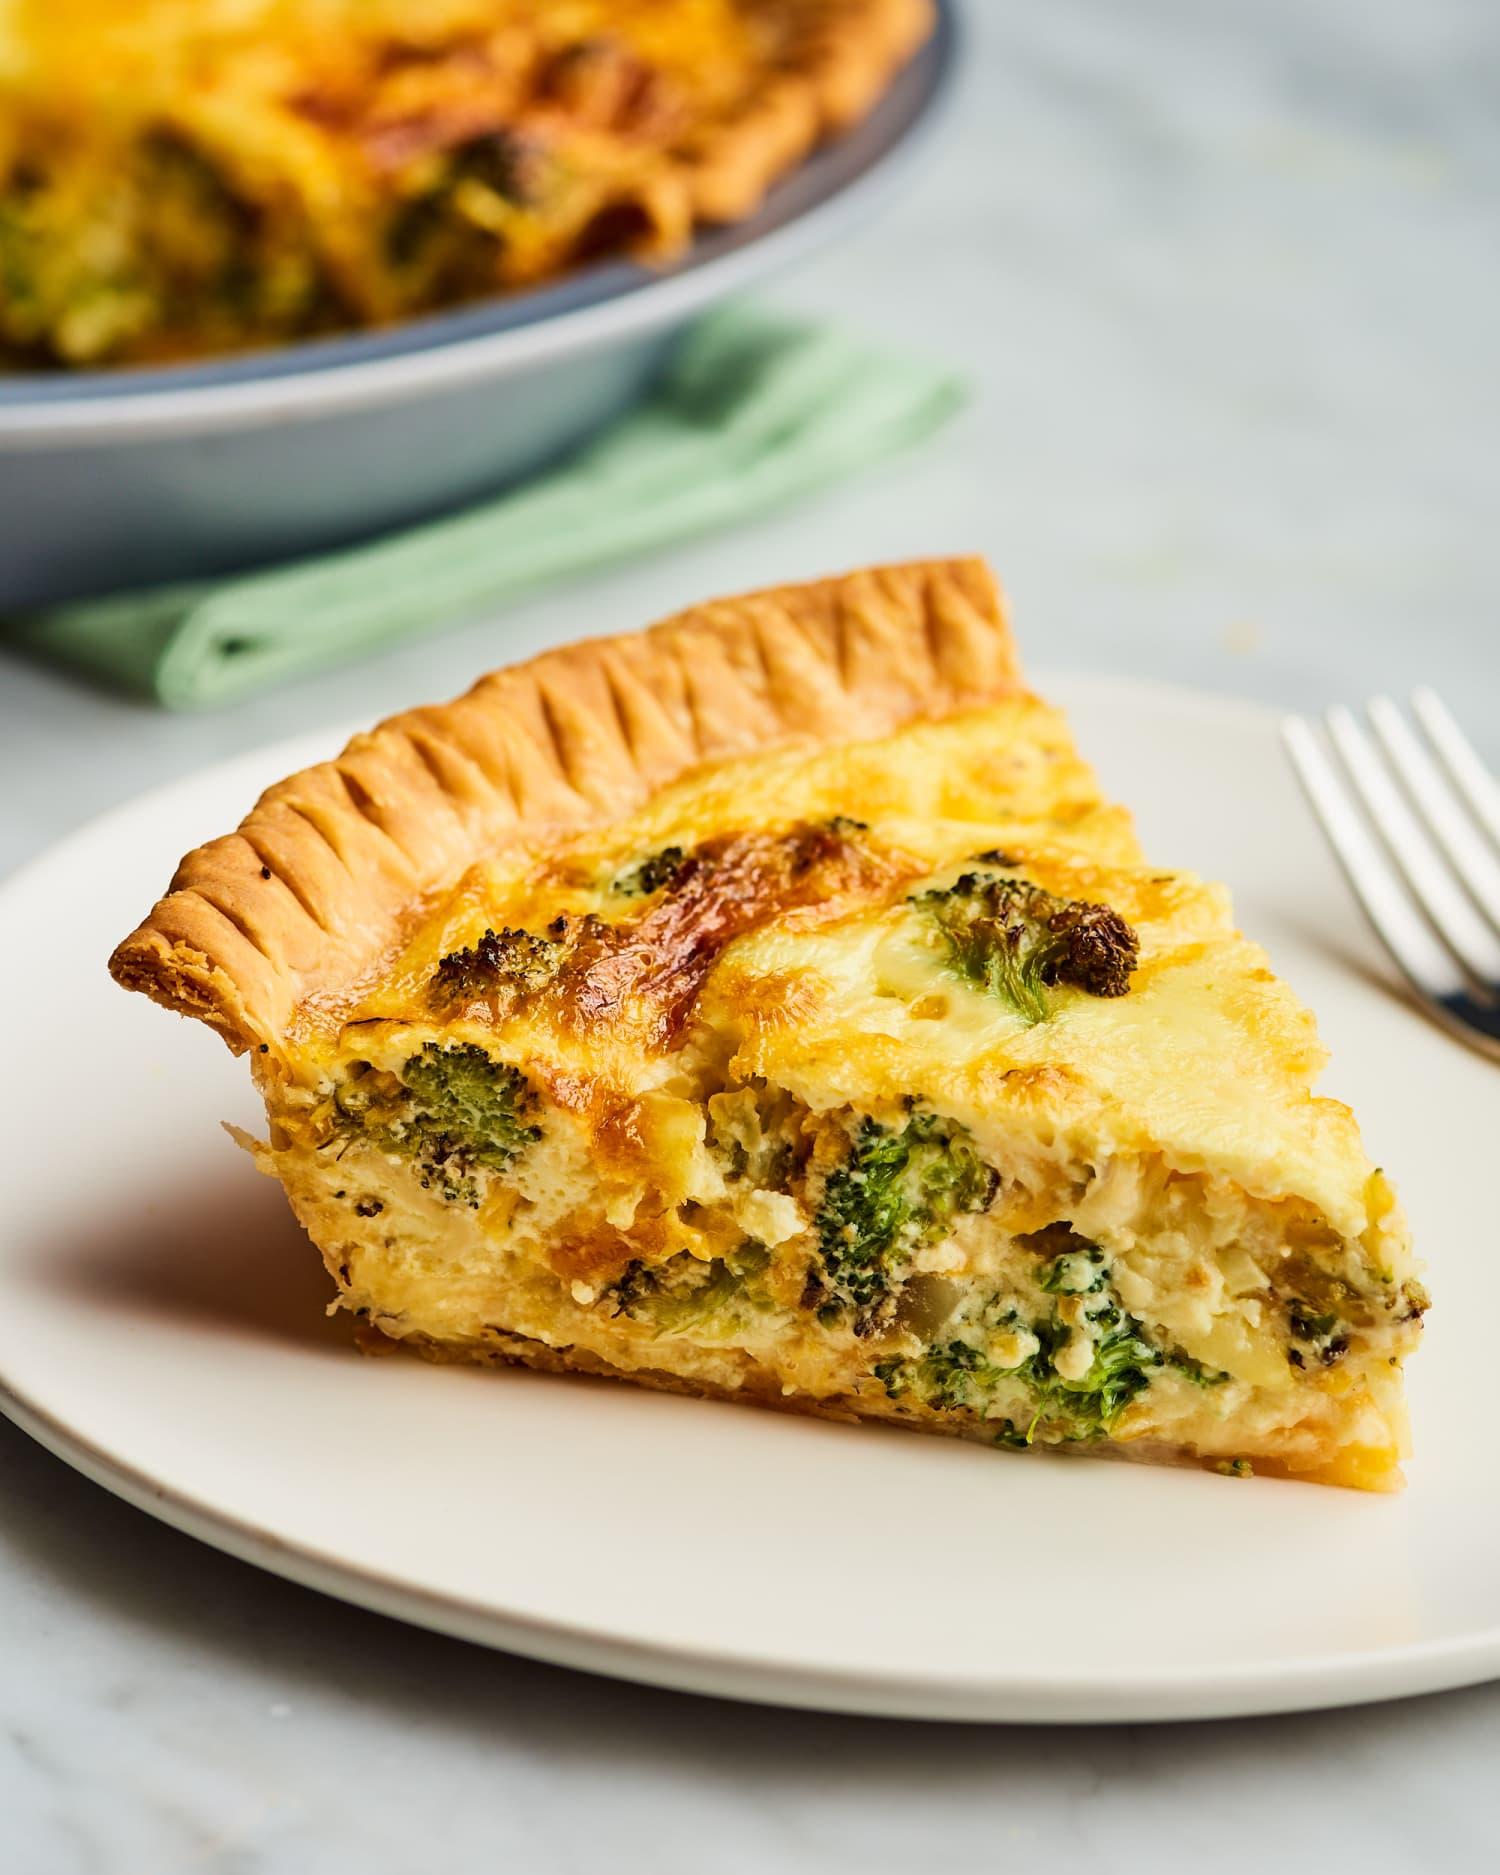 Recipe: Easy Broccoli Cheddar Quiche